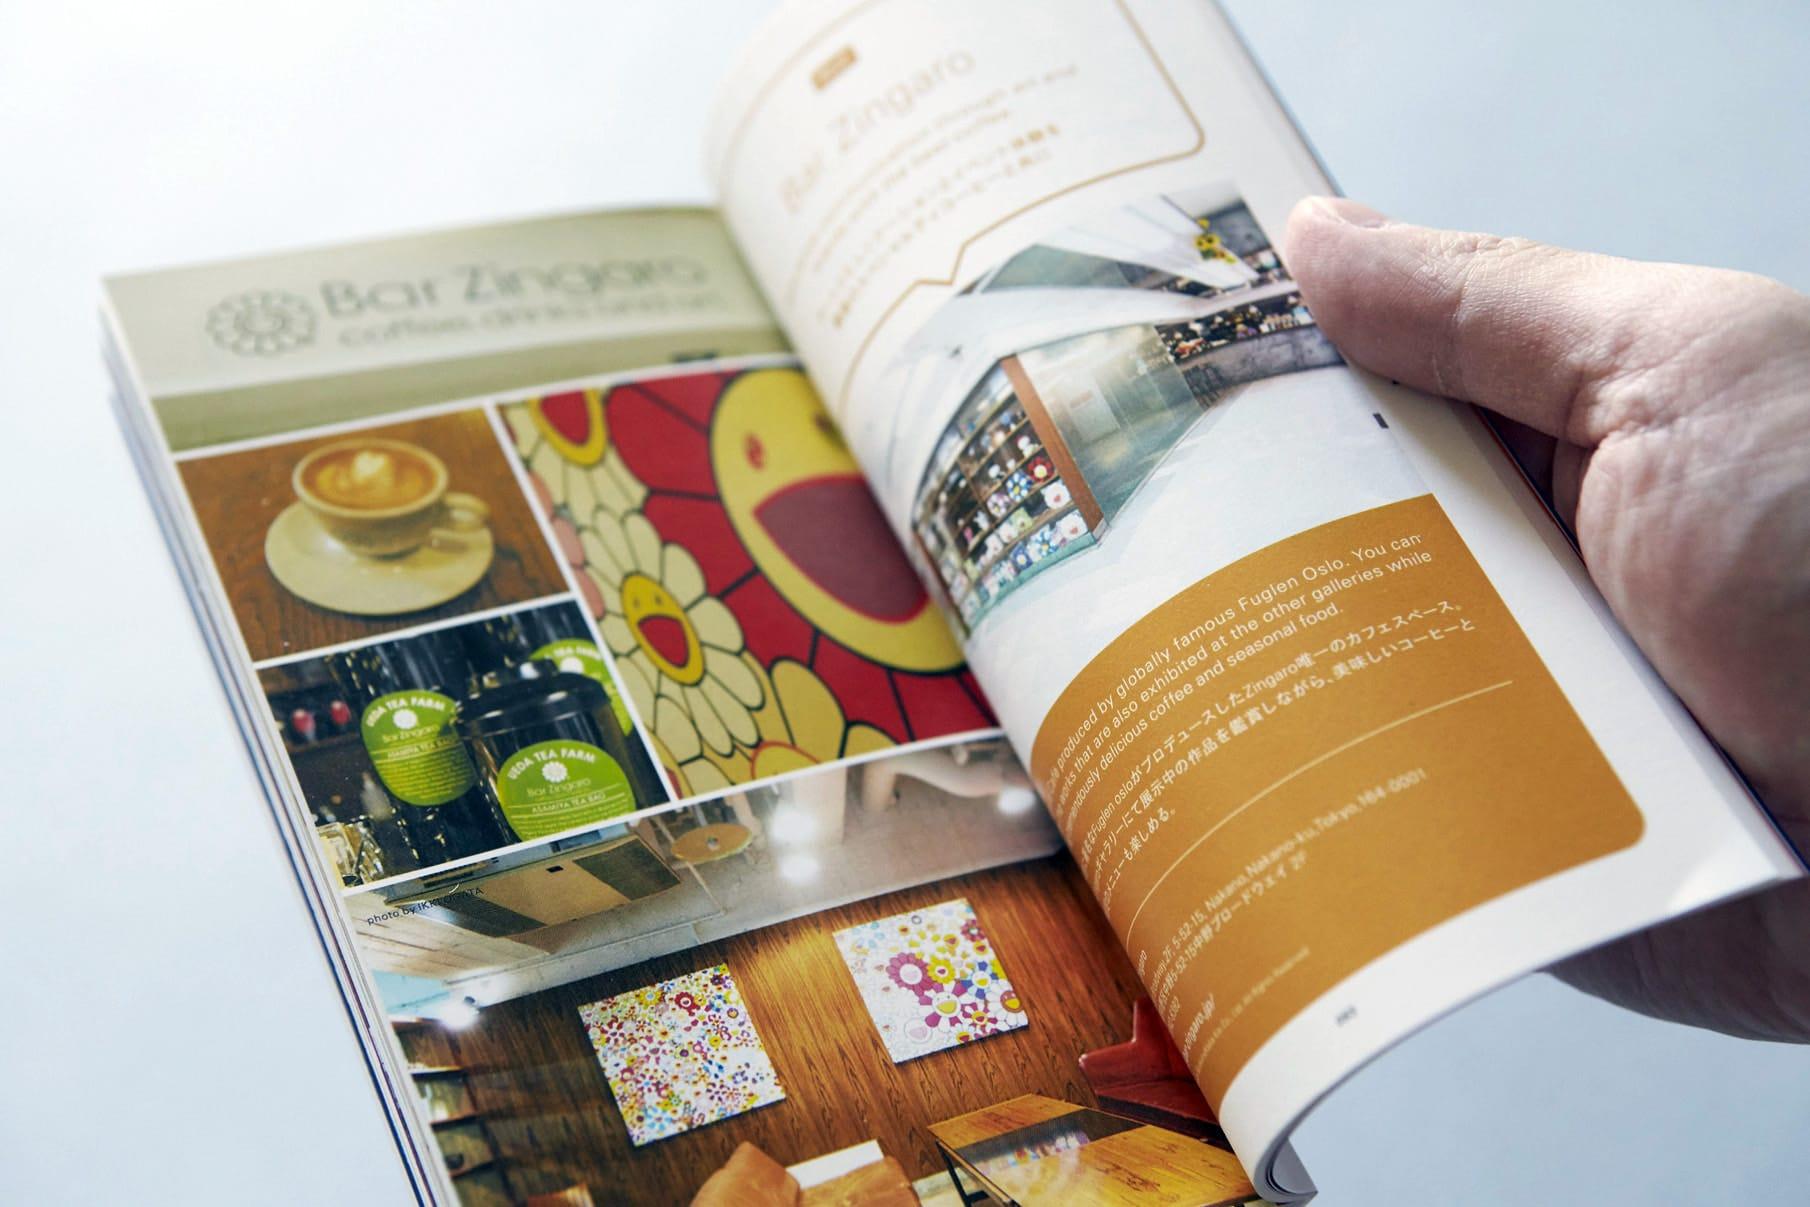 Tokyo Pop Guide Vol.1 - Culture Guide Book 12